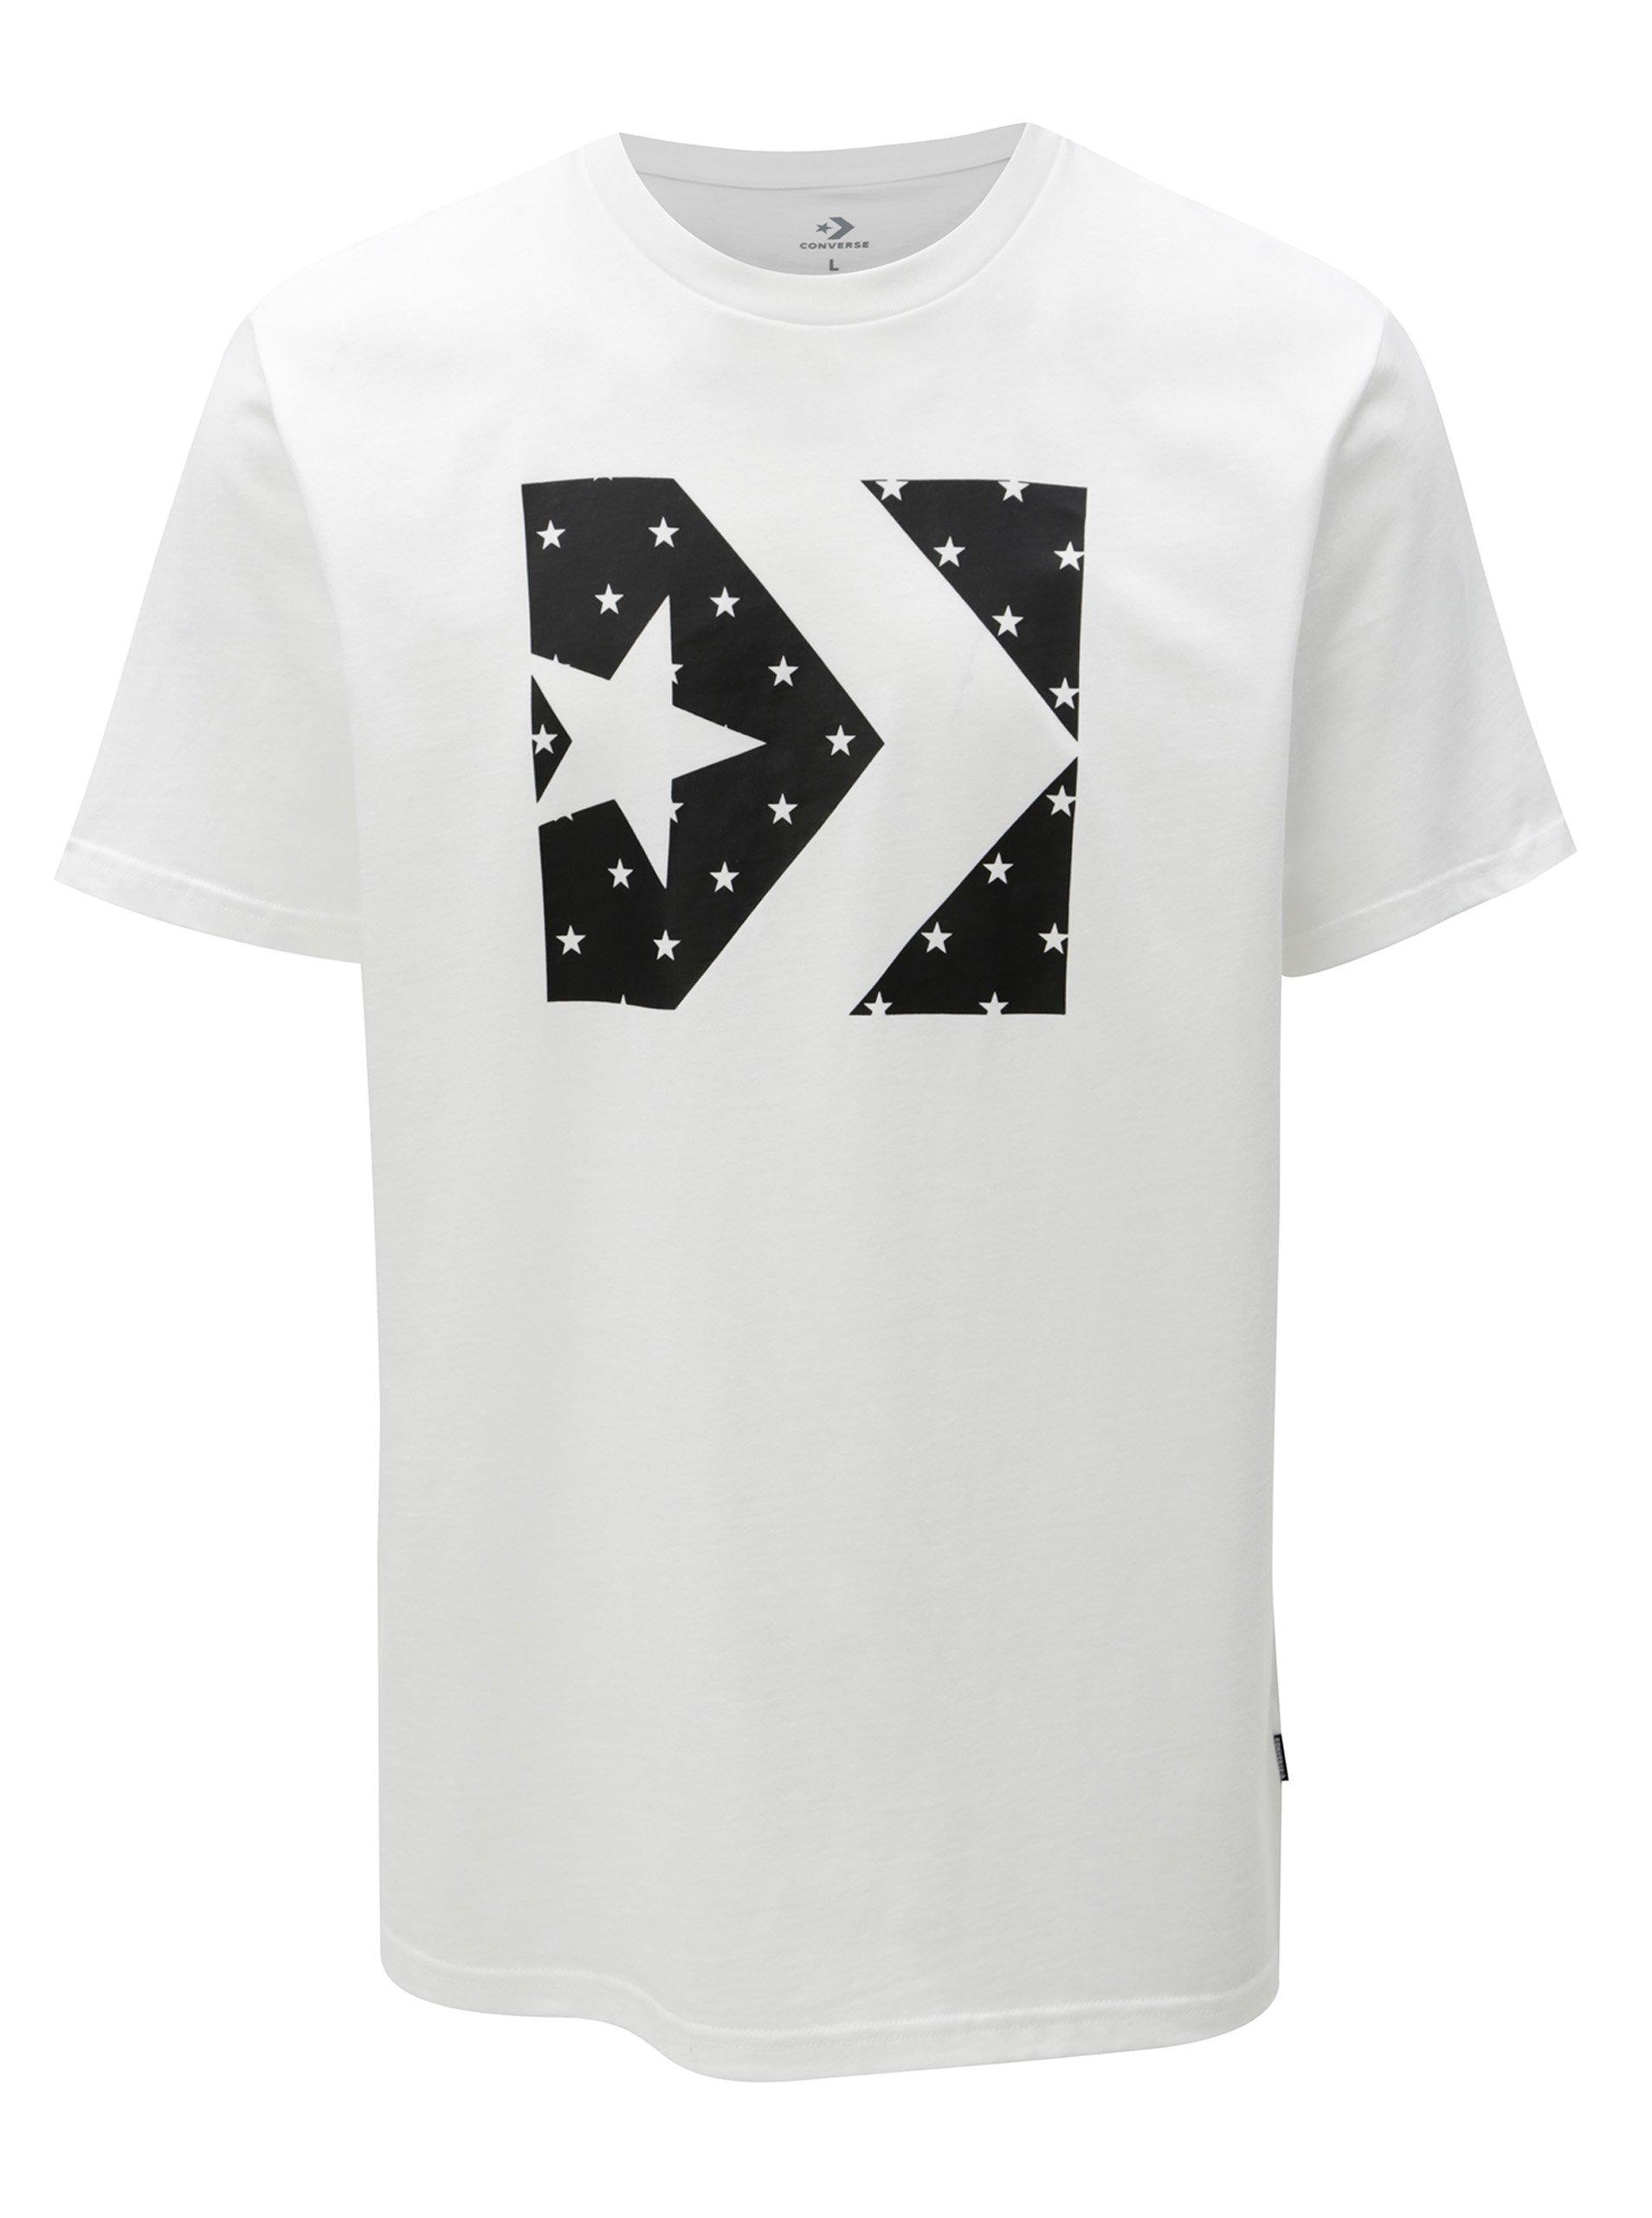 Černo-bílé pánské tričko s potiskem Converse Star Fill Chevron d4cffe6d304